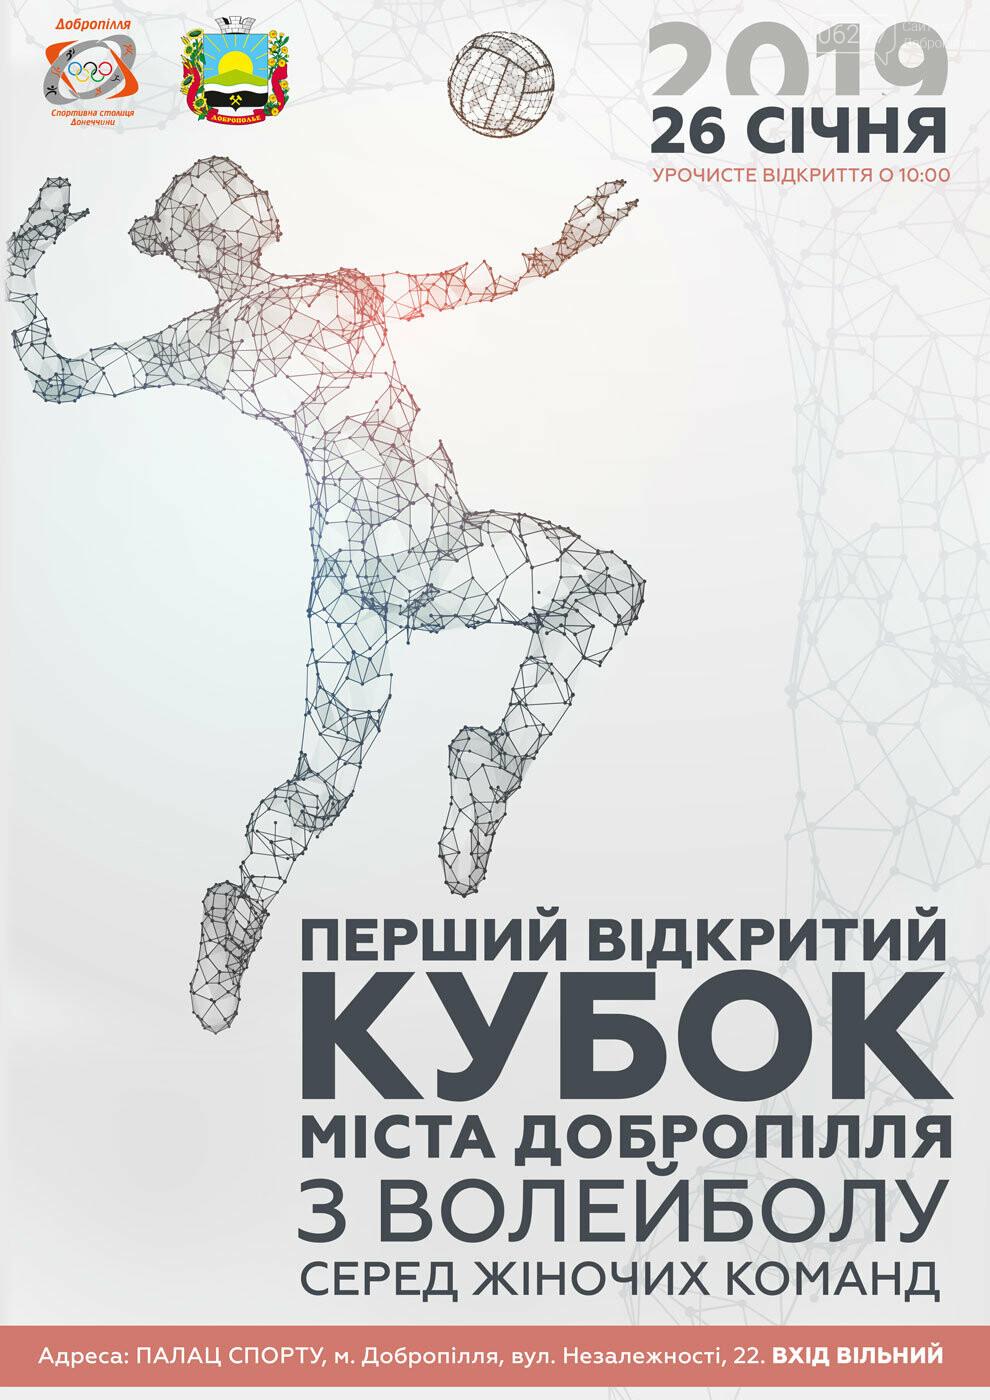 У Добропіллі відбудеться Перший відкритий Кубок міста з волейболу серед жіночих команд, фото-1